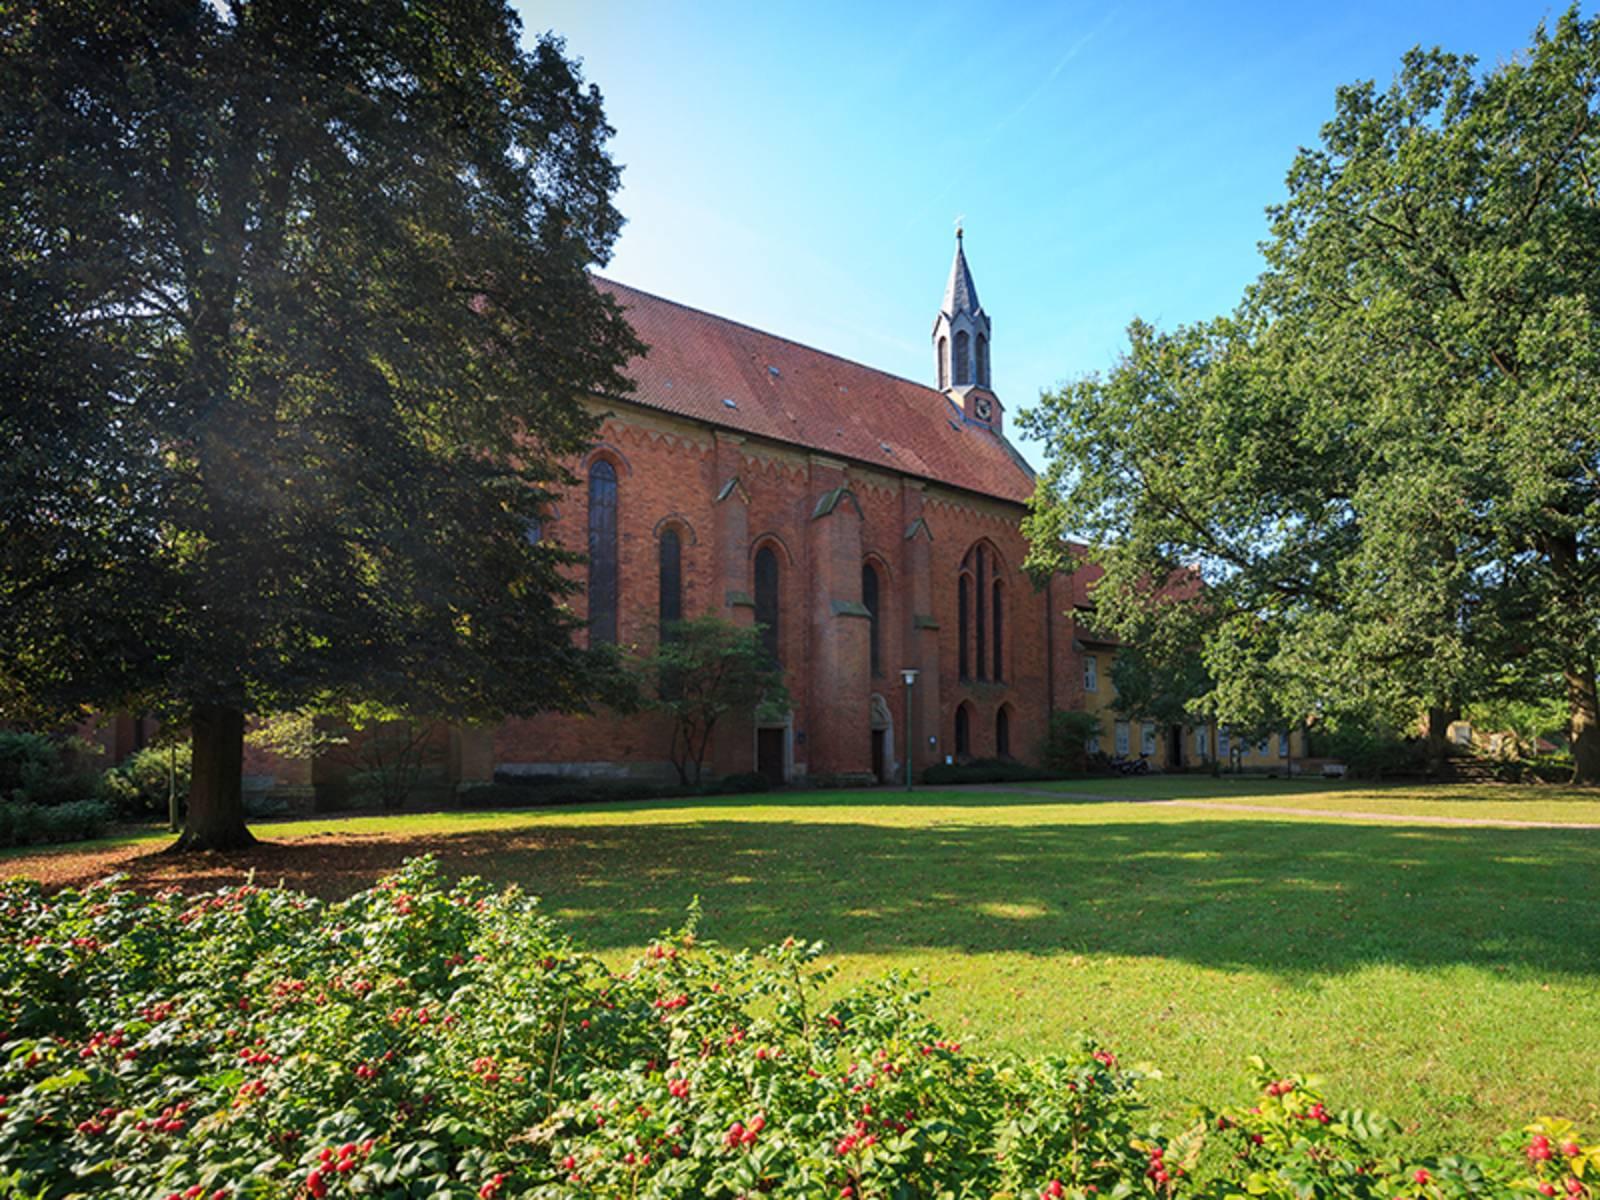 Kloster Mariensee: Evangelisches Frauenkloster in Mariensee, einem Ortsteil von Neustadt am Rübenberge